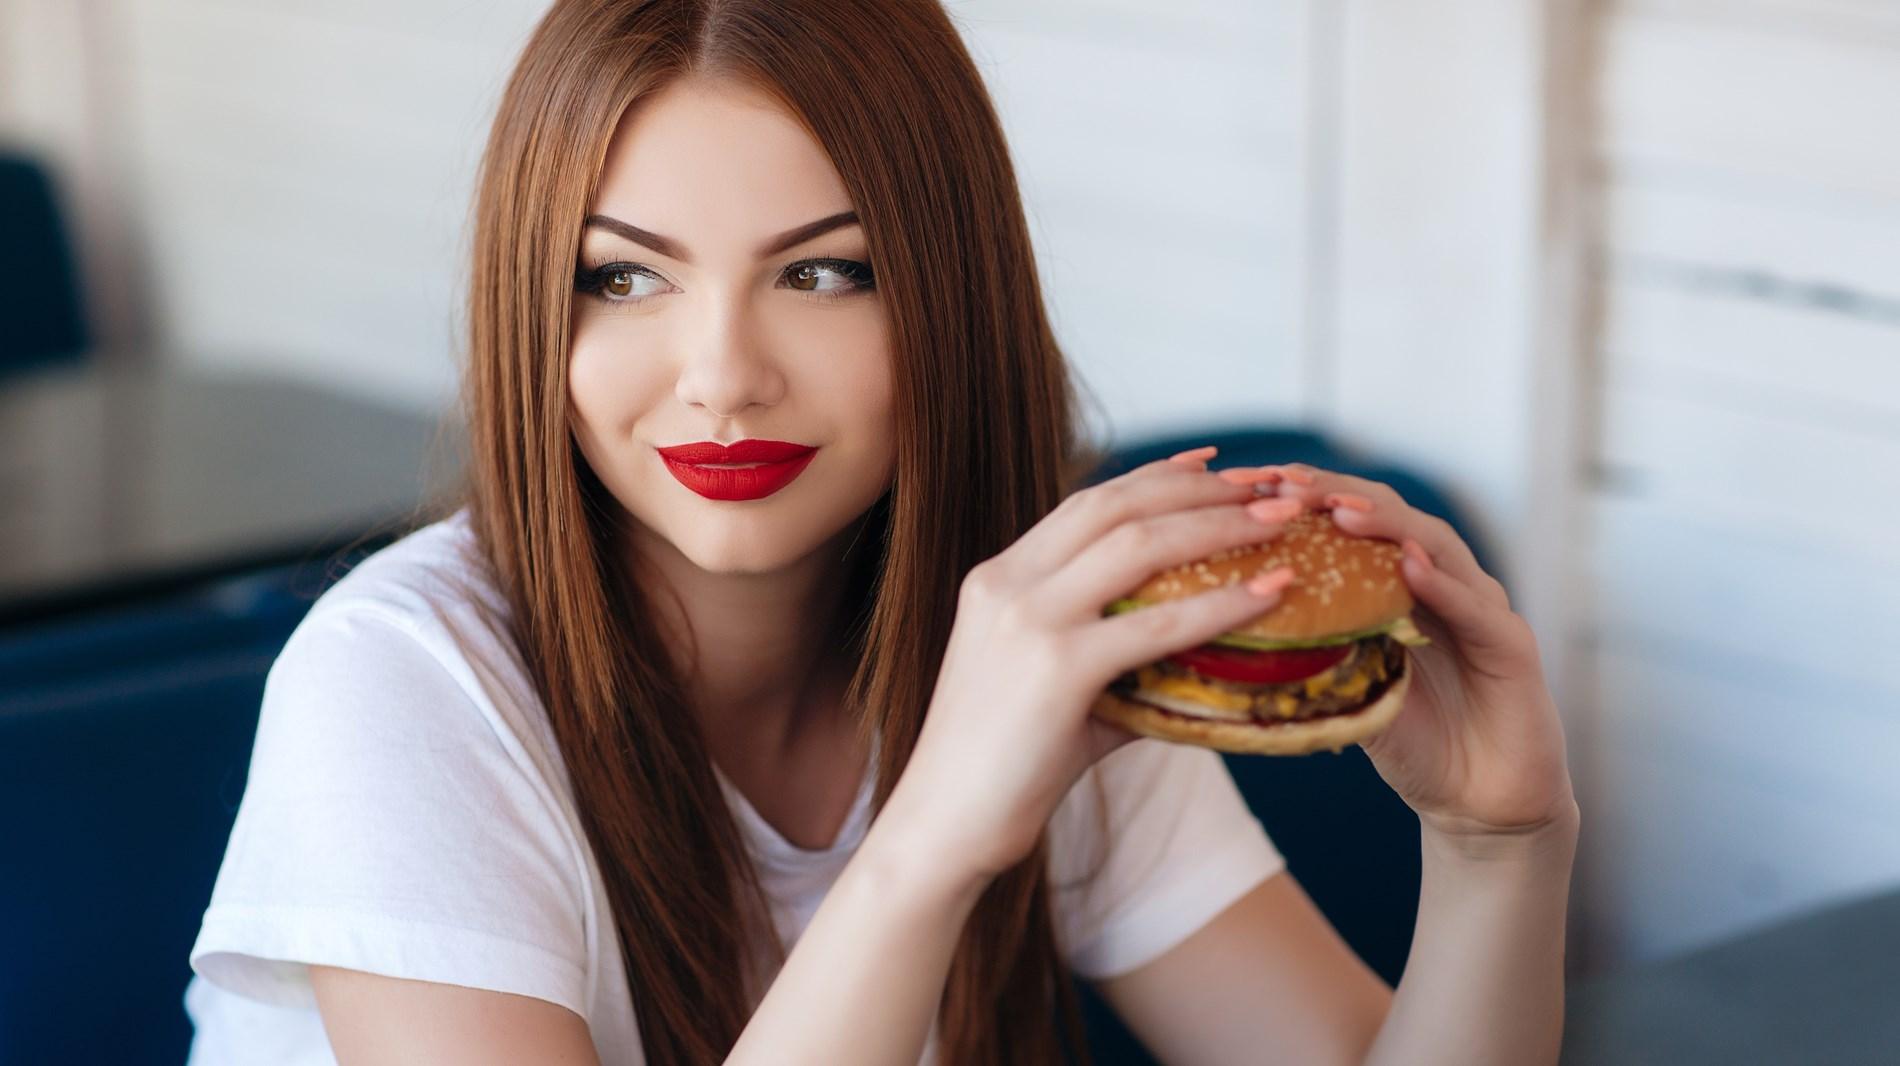 لمرضى السكري والكلى.. 5 أطعمة تجنُّبوا تناولها